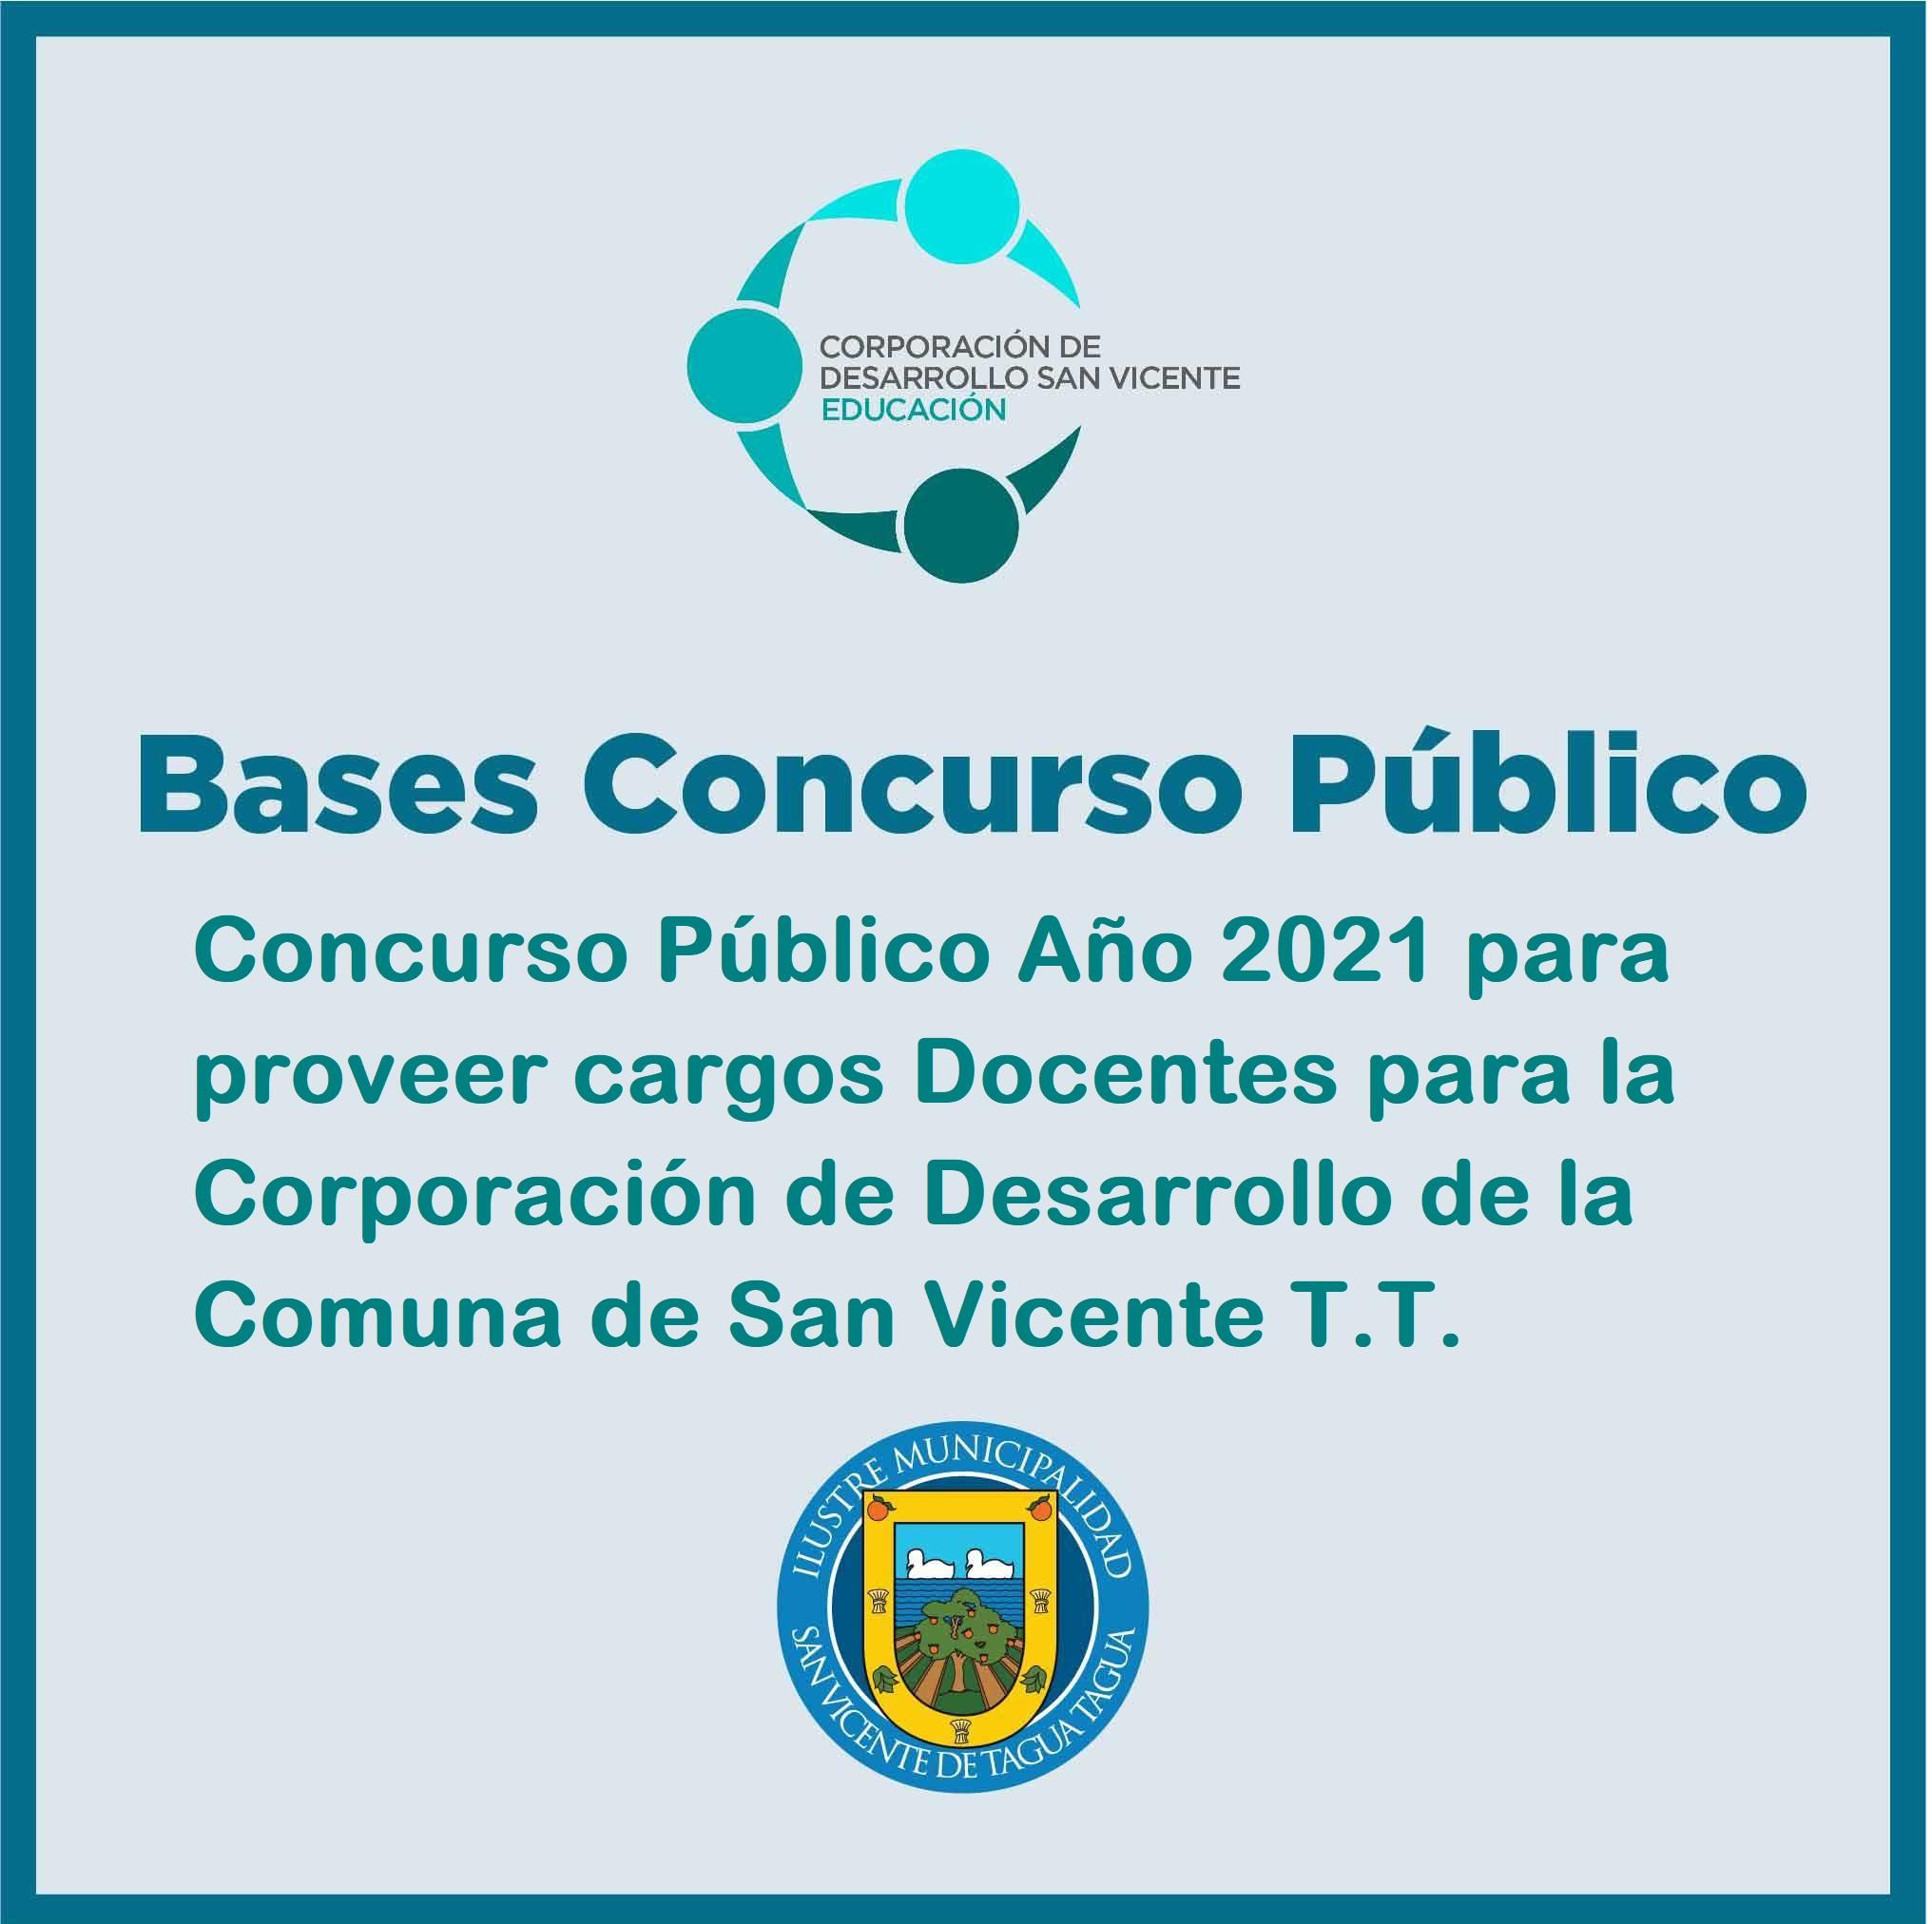 Bases de Concurso Público Año 2021 para proveer 27 cargos Docentes para la Corporación de Desarrollo de la Comuna de San Vicente T.T.